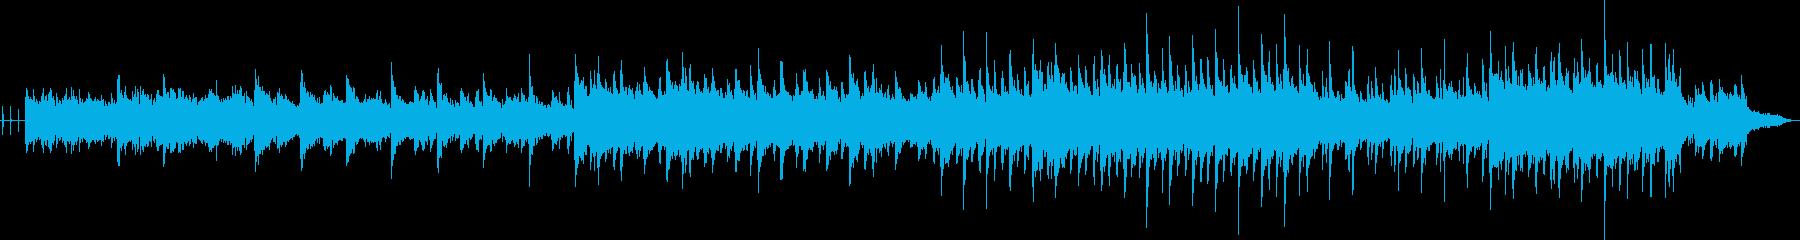 壮大な景色のBGM向きの不思議な曲の再生済みの波形